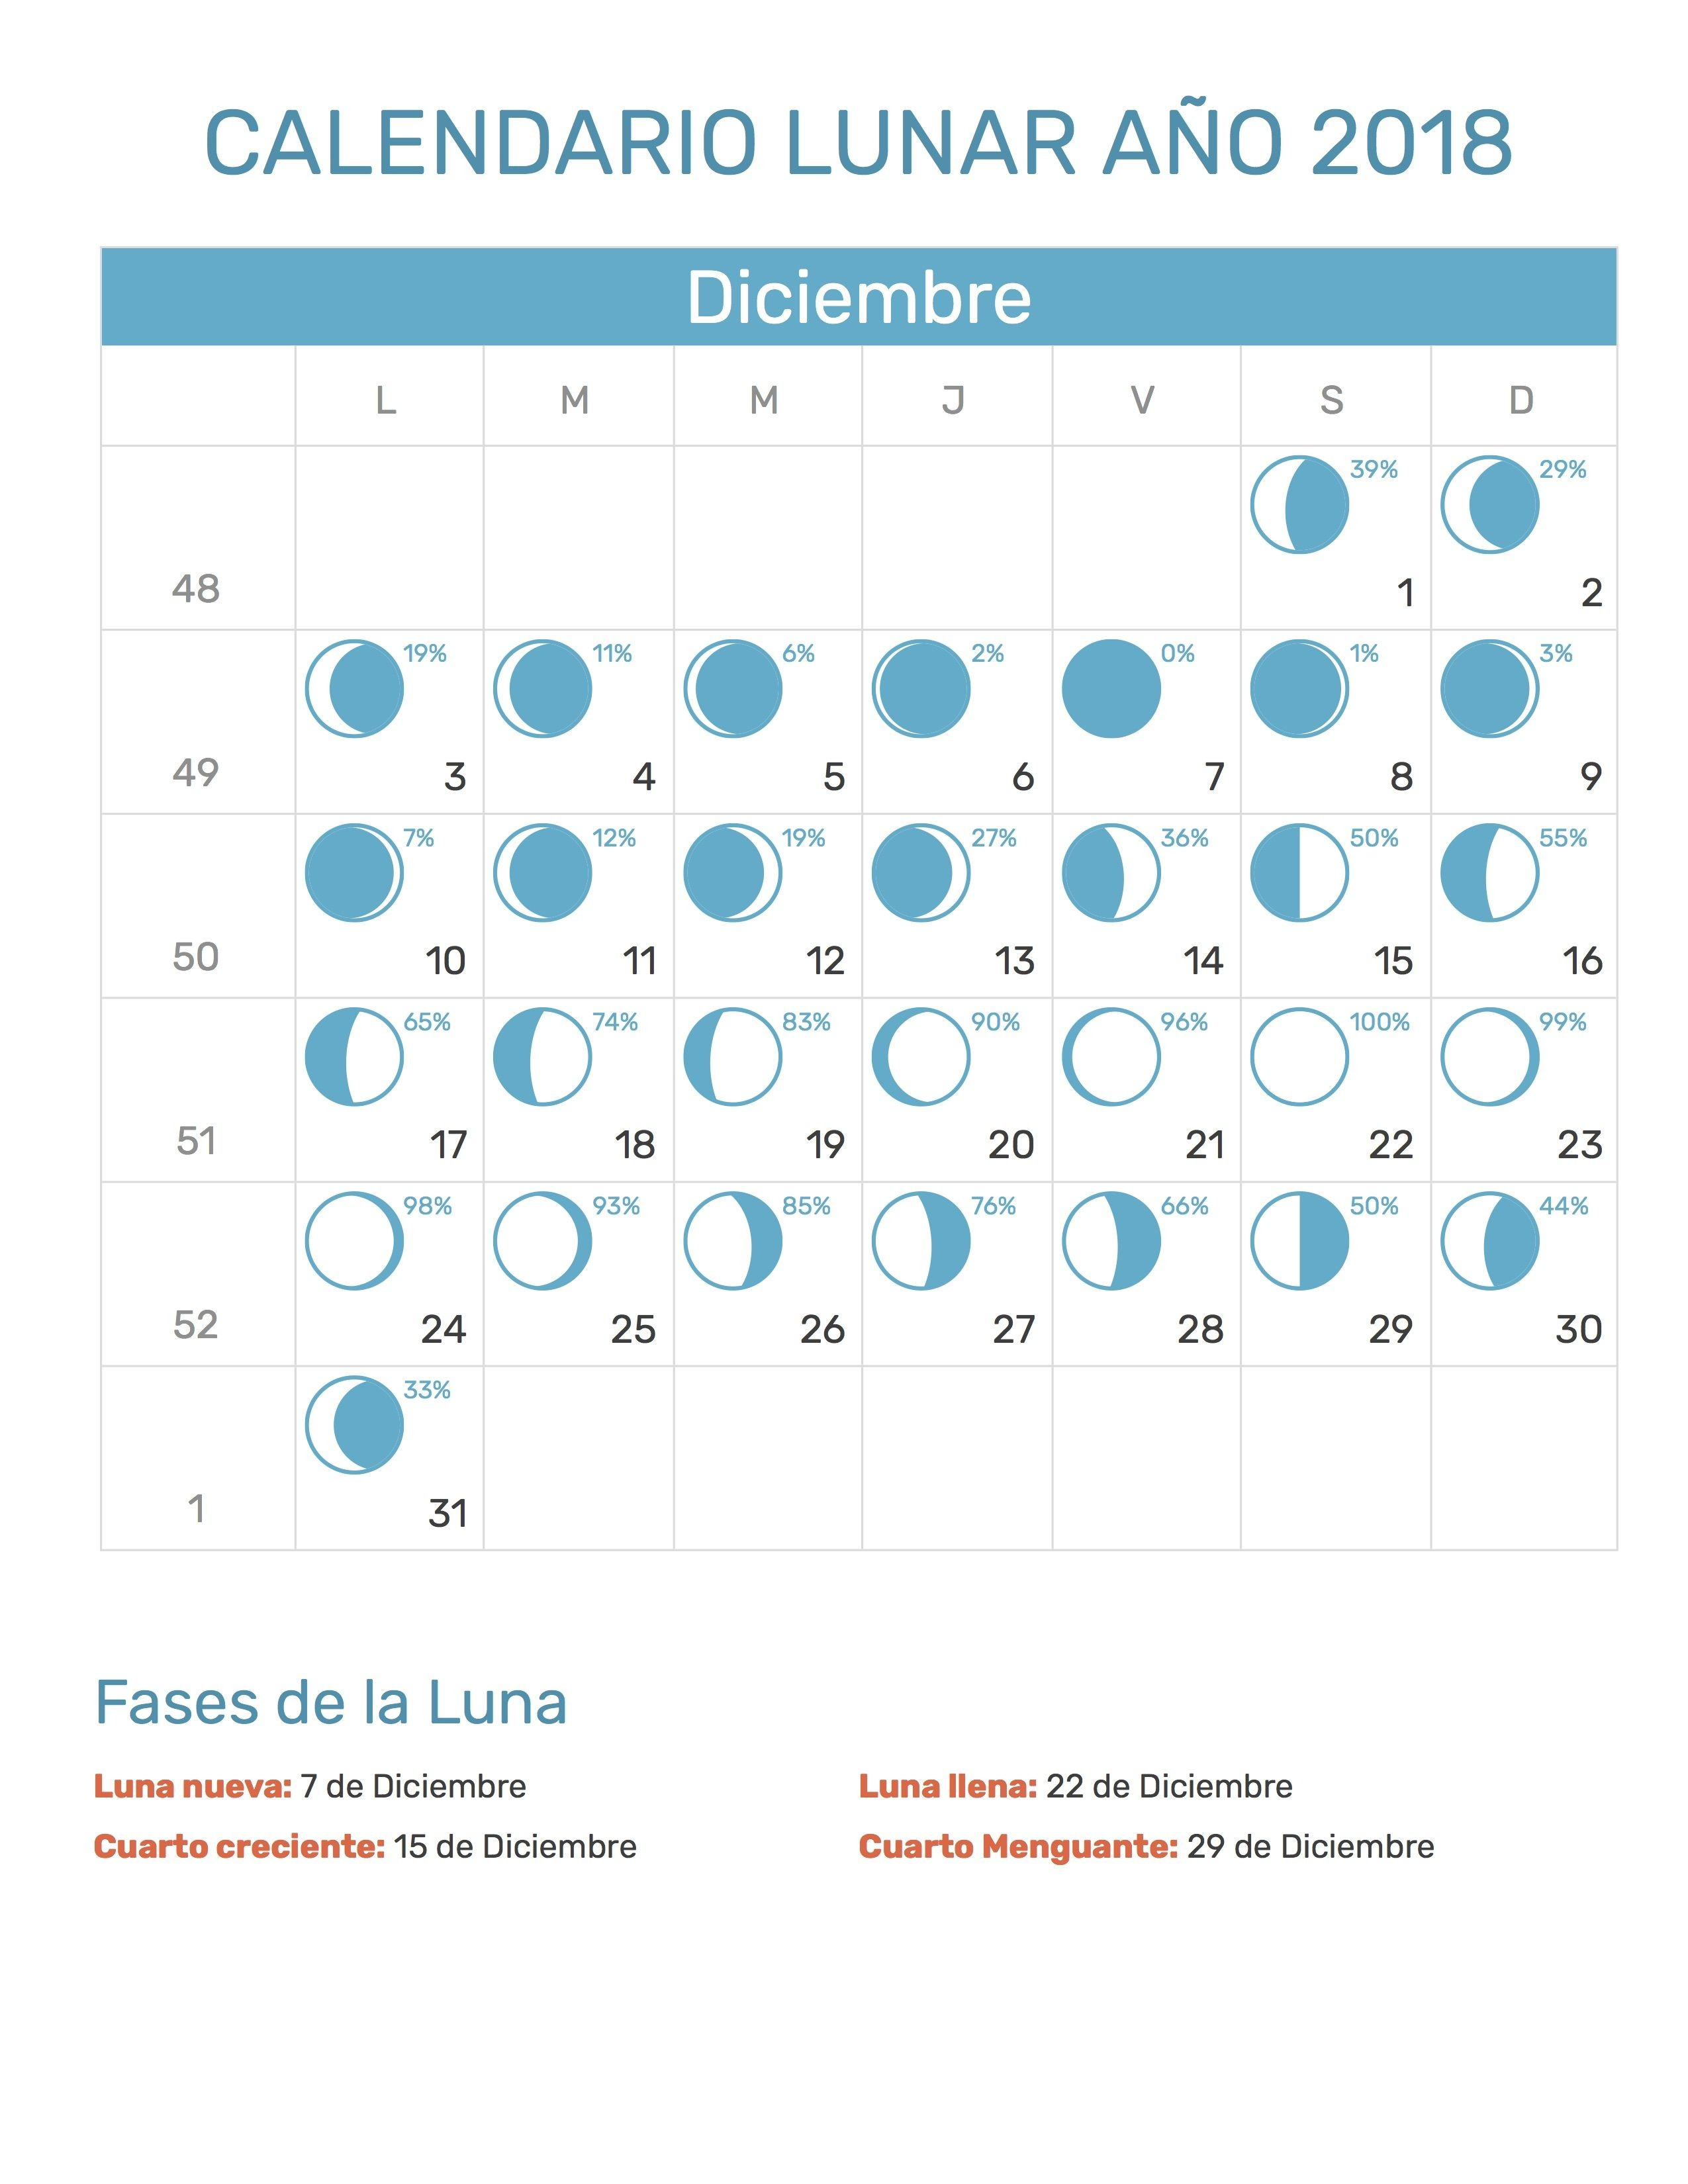 Calendario Diciembre 2018 Enero 2019 Colombia Recientes Pin De Calendario Hispano En Calendario Lunar A±o 2018 Of Calendario Diciembre 2018 Enero 2019 Colombia Más Recientes Calaméo Gara